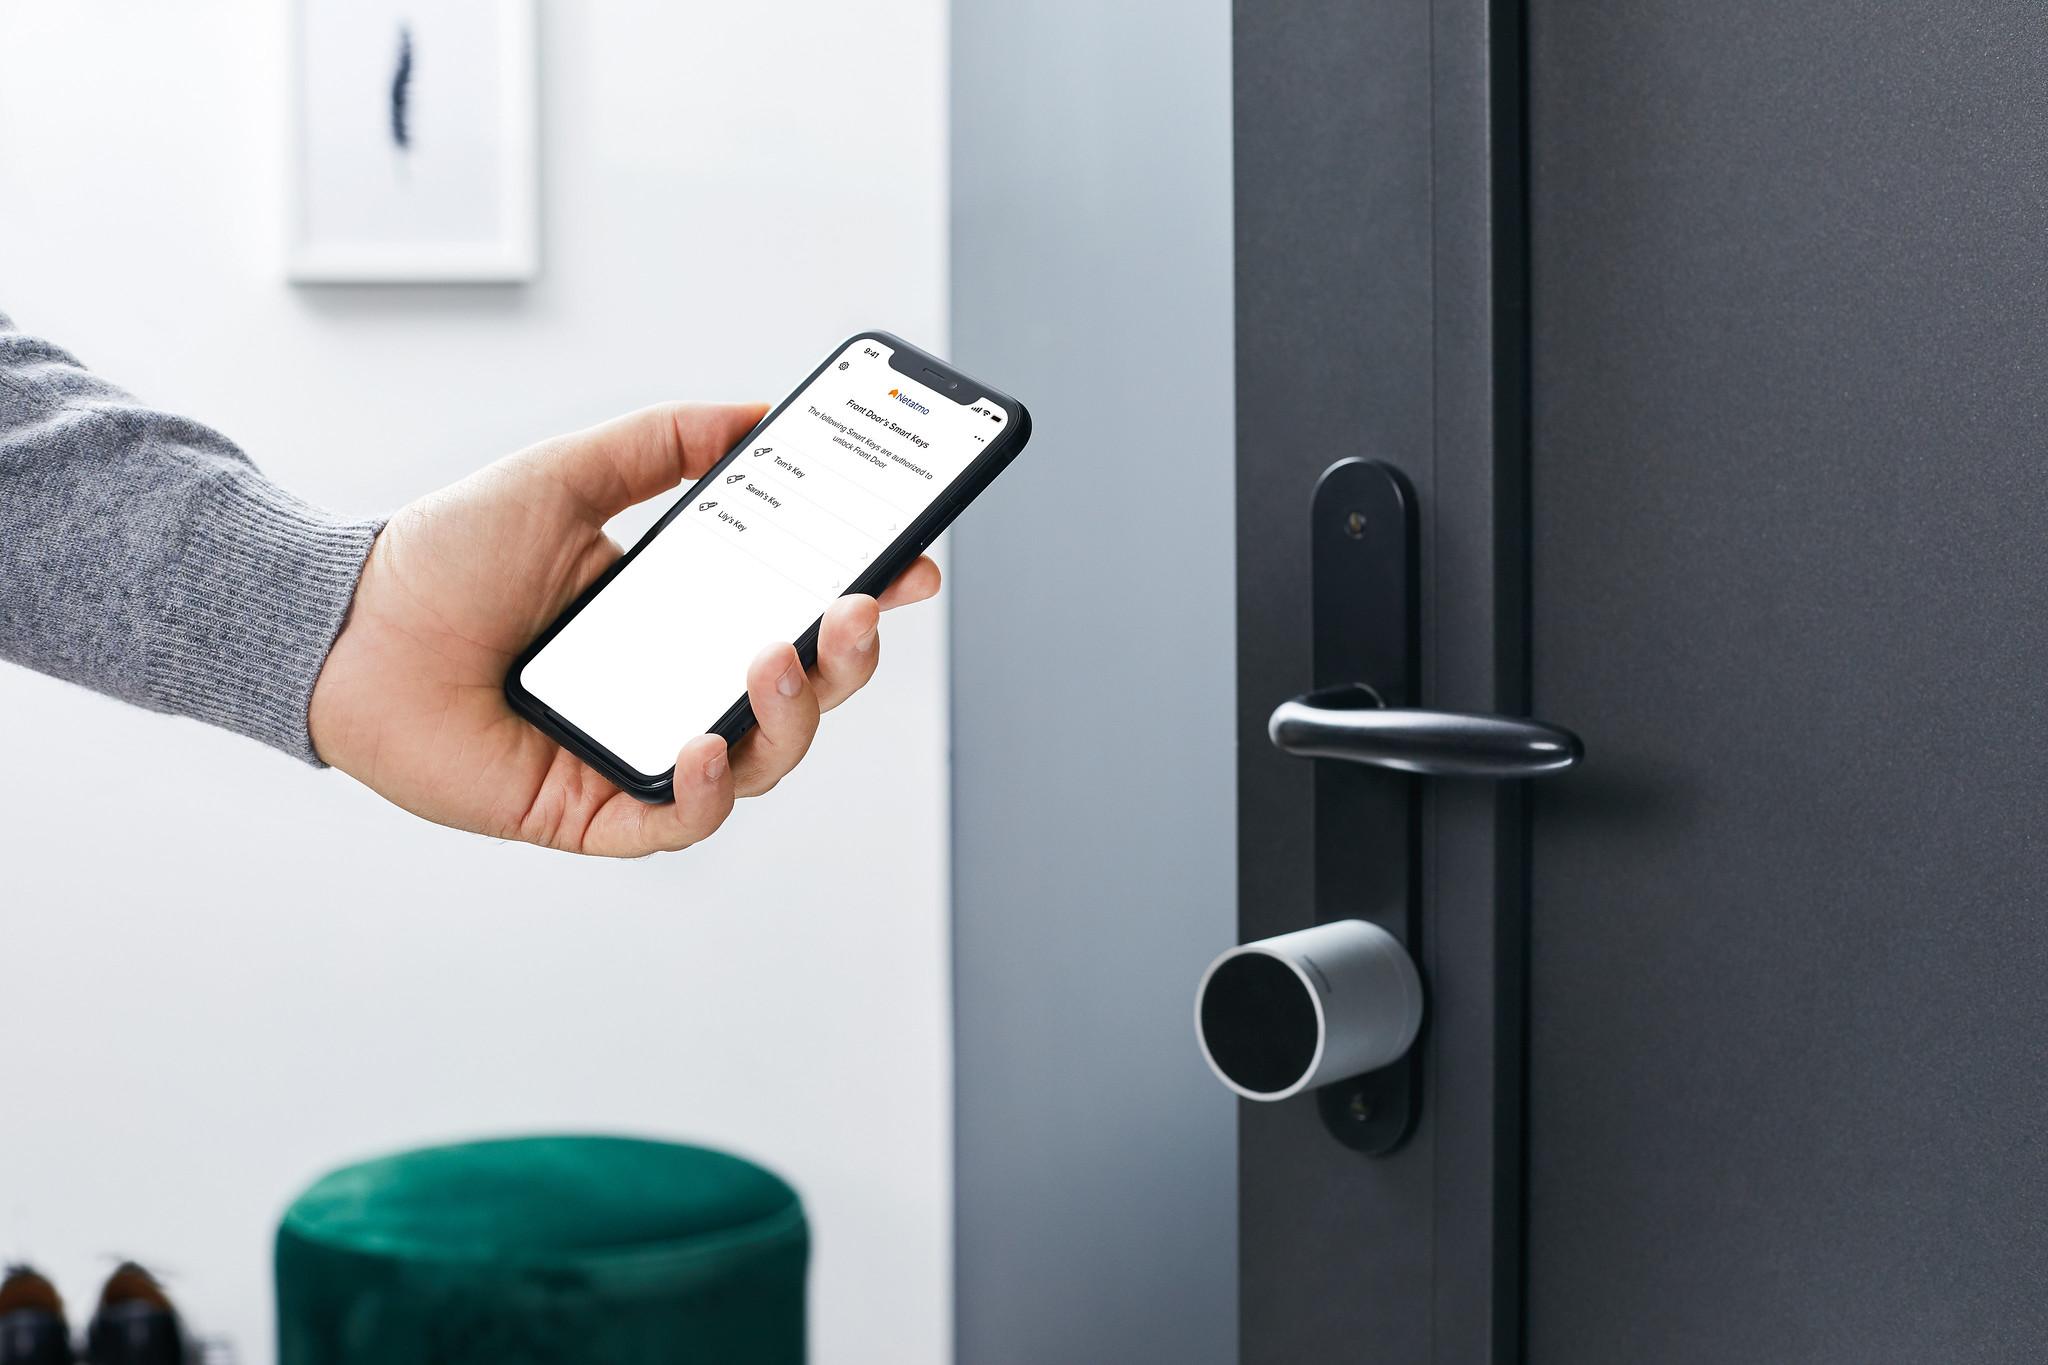 Chytrý zámek a klíč od Netatmo umožní odemykání dveří prostřednictvím telefonu